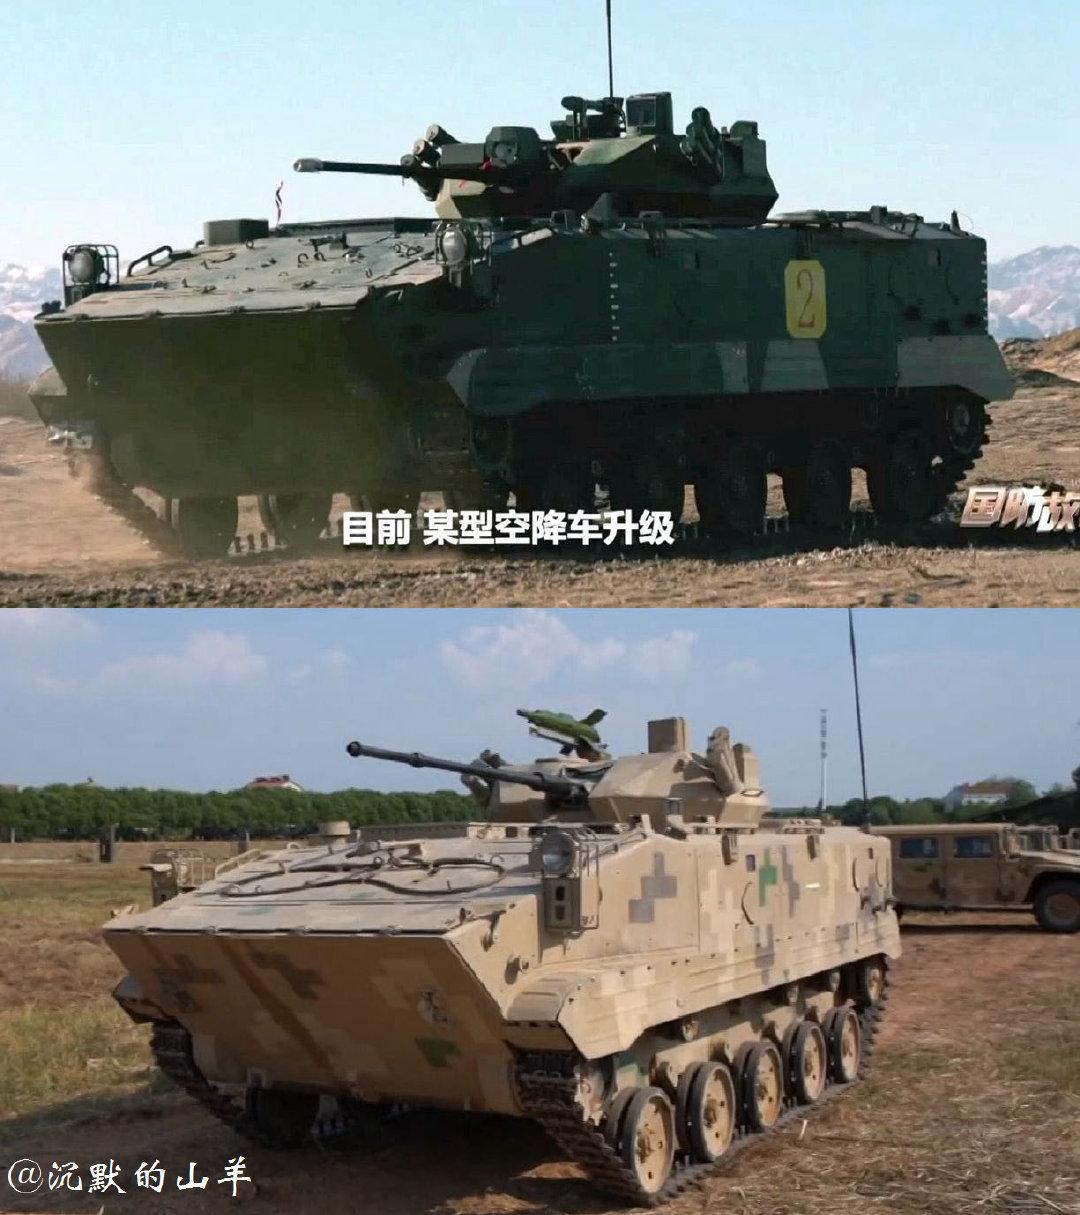 Модернізований (на верхньому знімку) і базовий (на нижньому) варіанти БМД ZBD-03